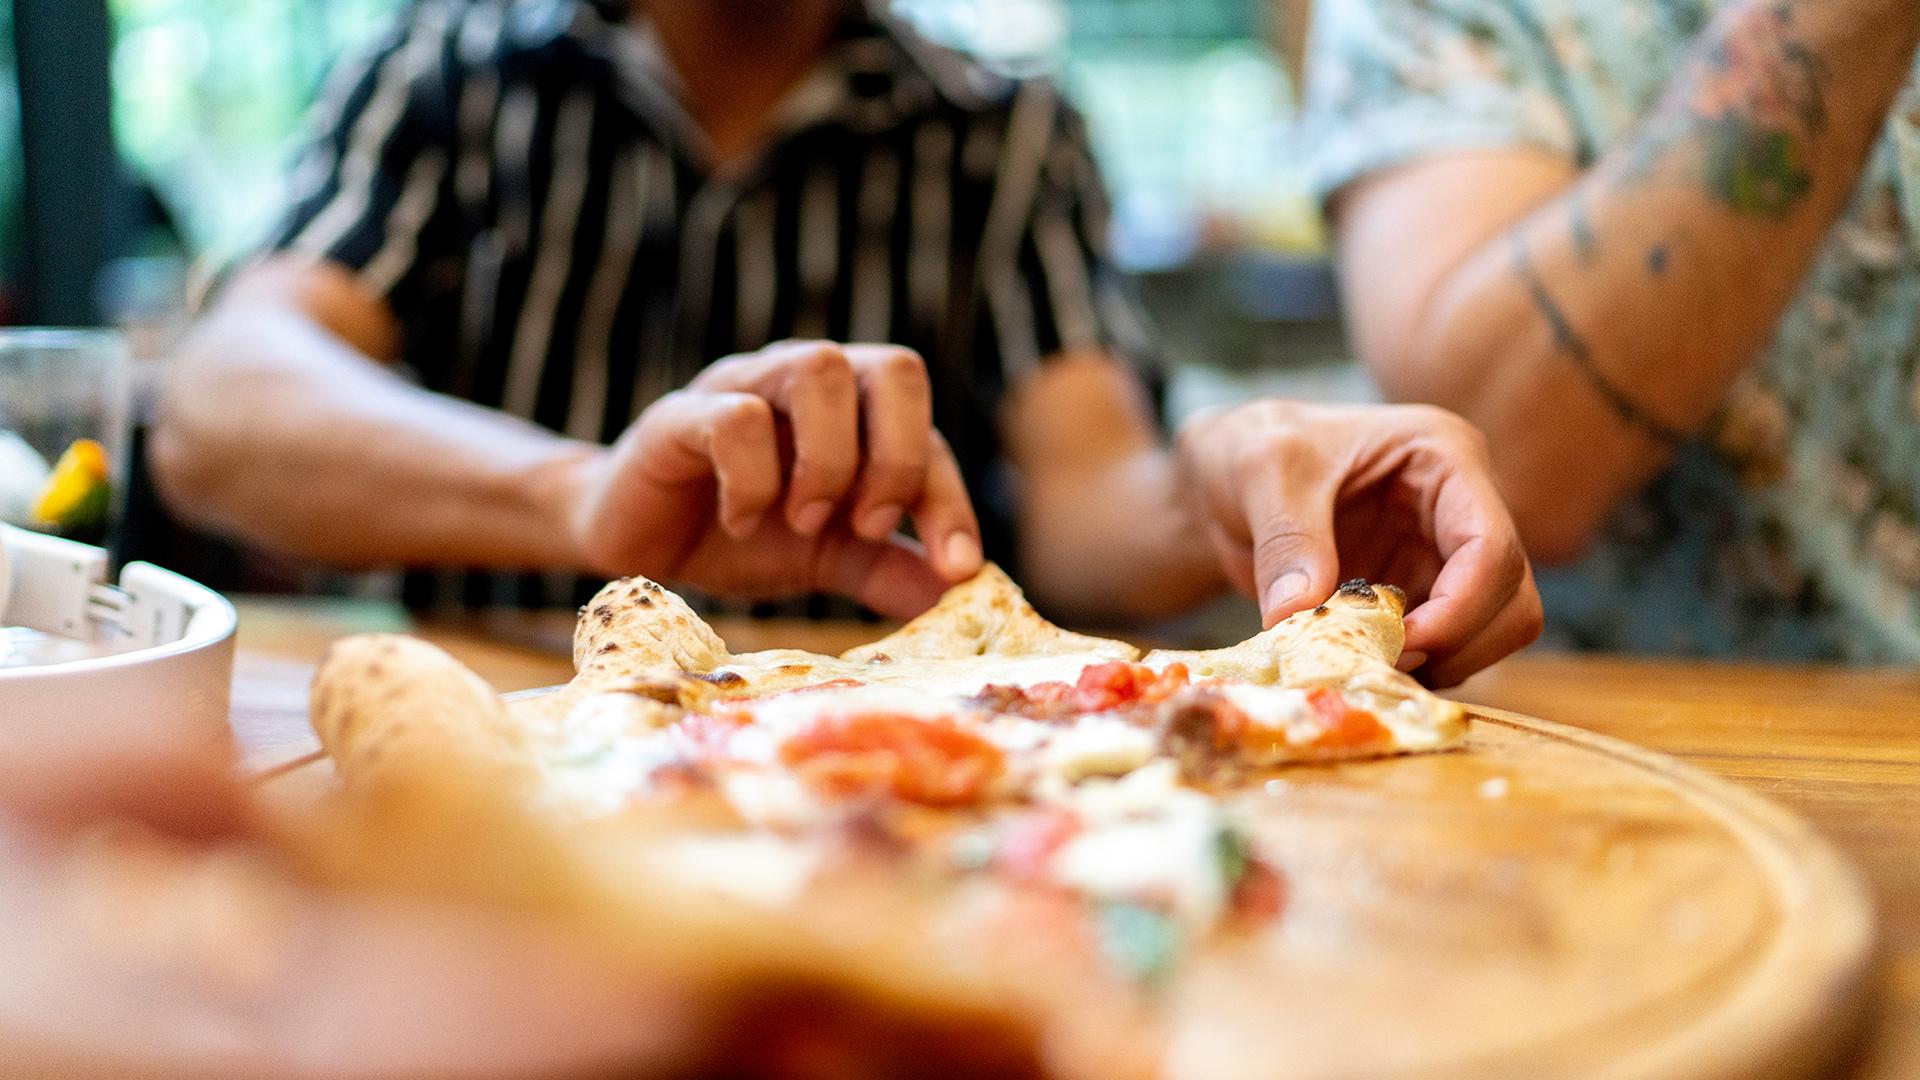 People enjoying pizza